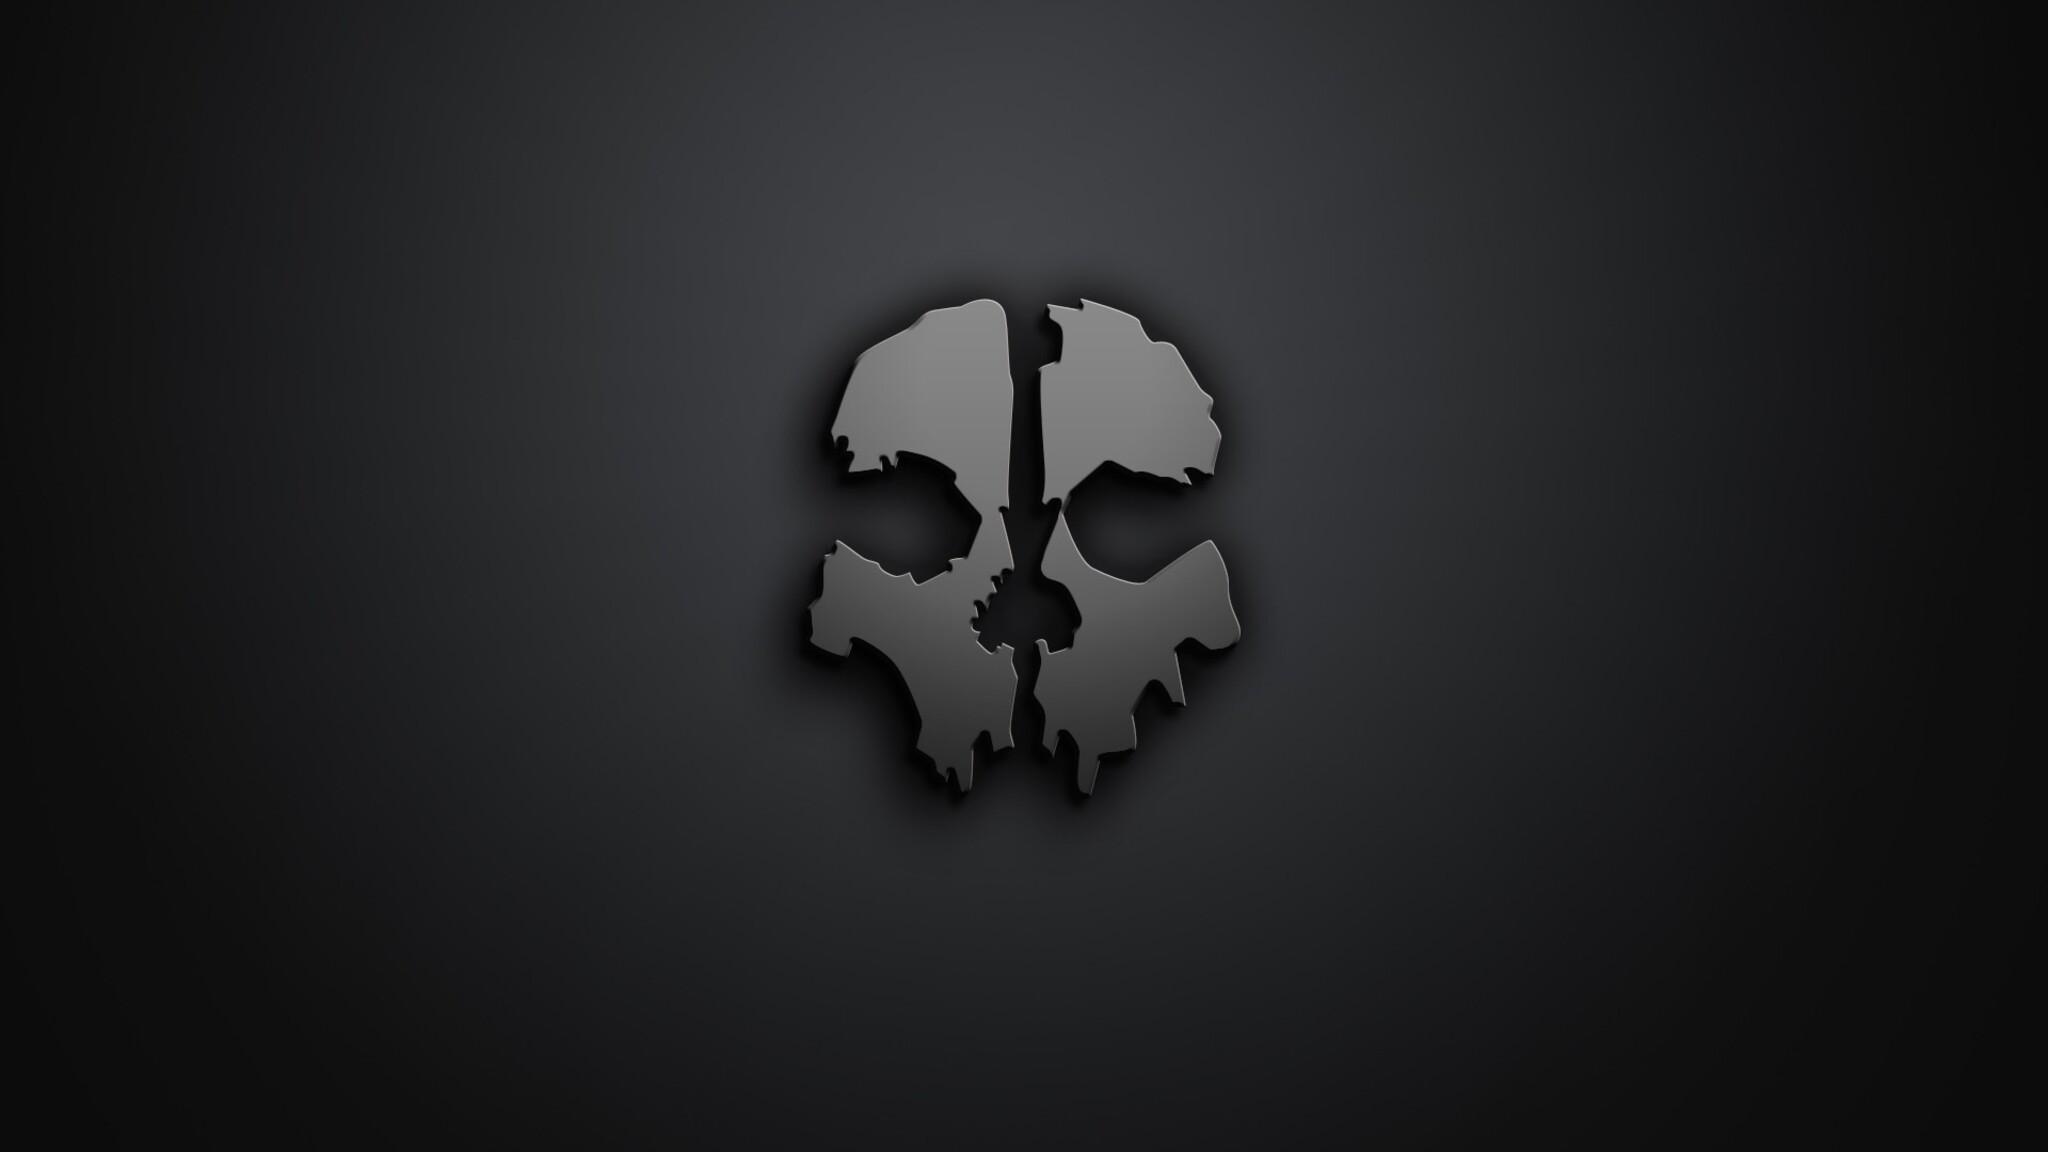 download wallpapers 2560x1600 skulls - photo #15